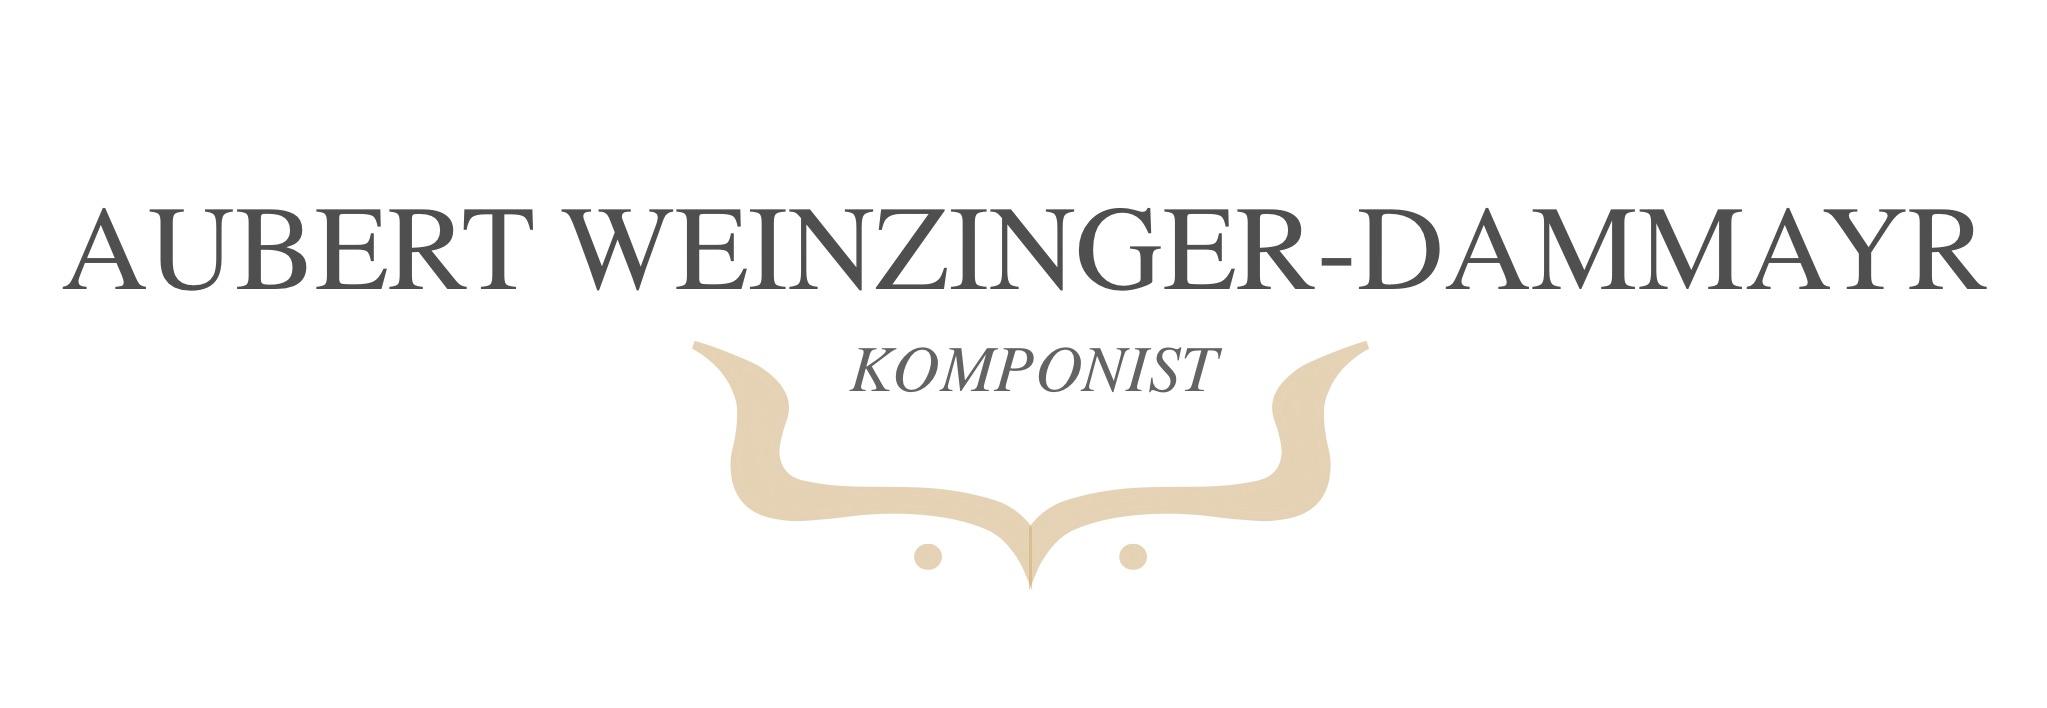 Logo colore 1